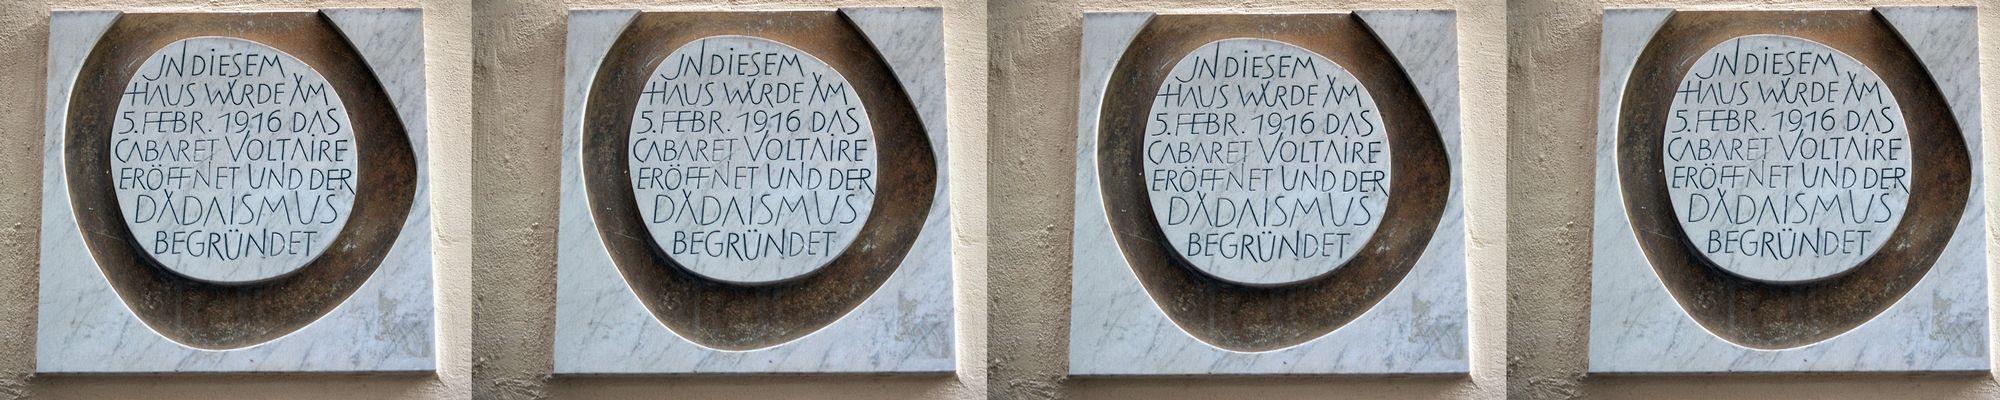 Sculpteur Peintre Et Poete Francais les figures emblématiques du mouvement - rts.ch - le dadaïsme